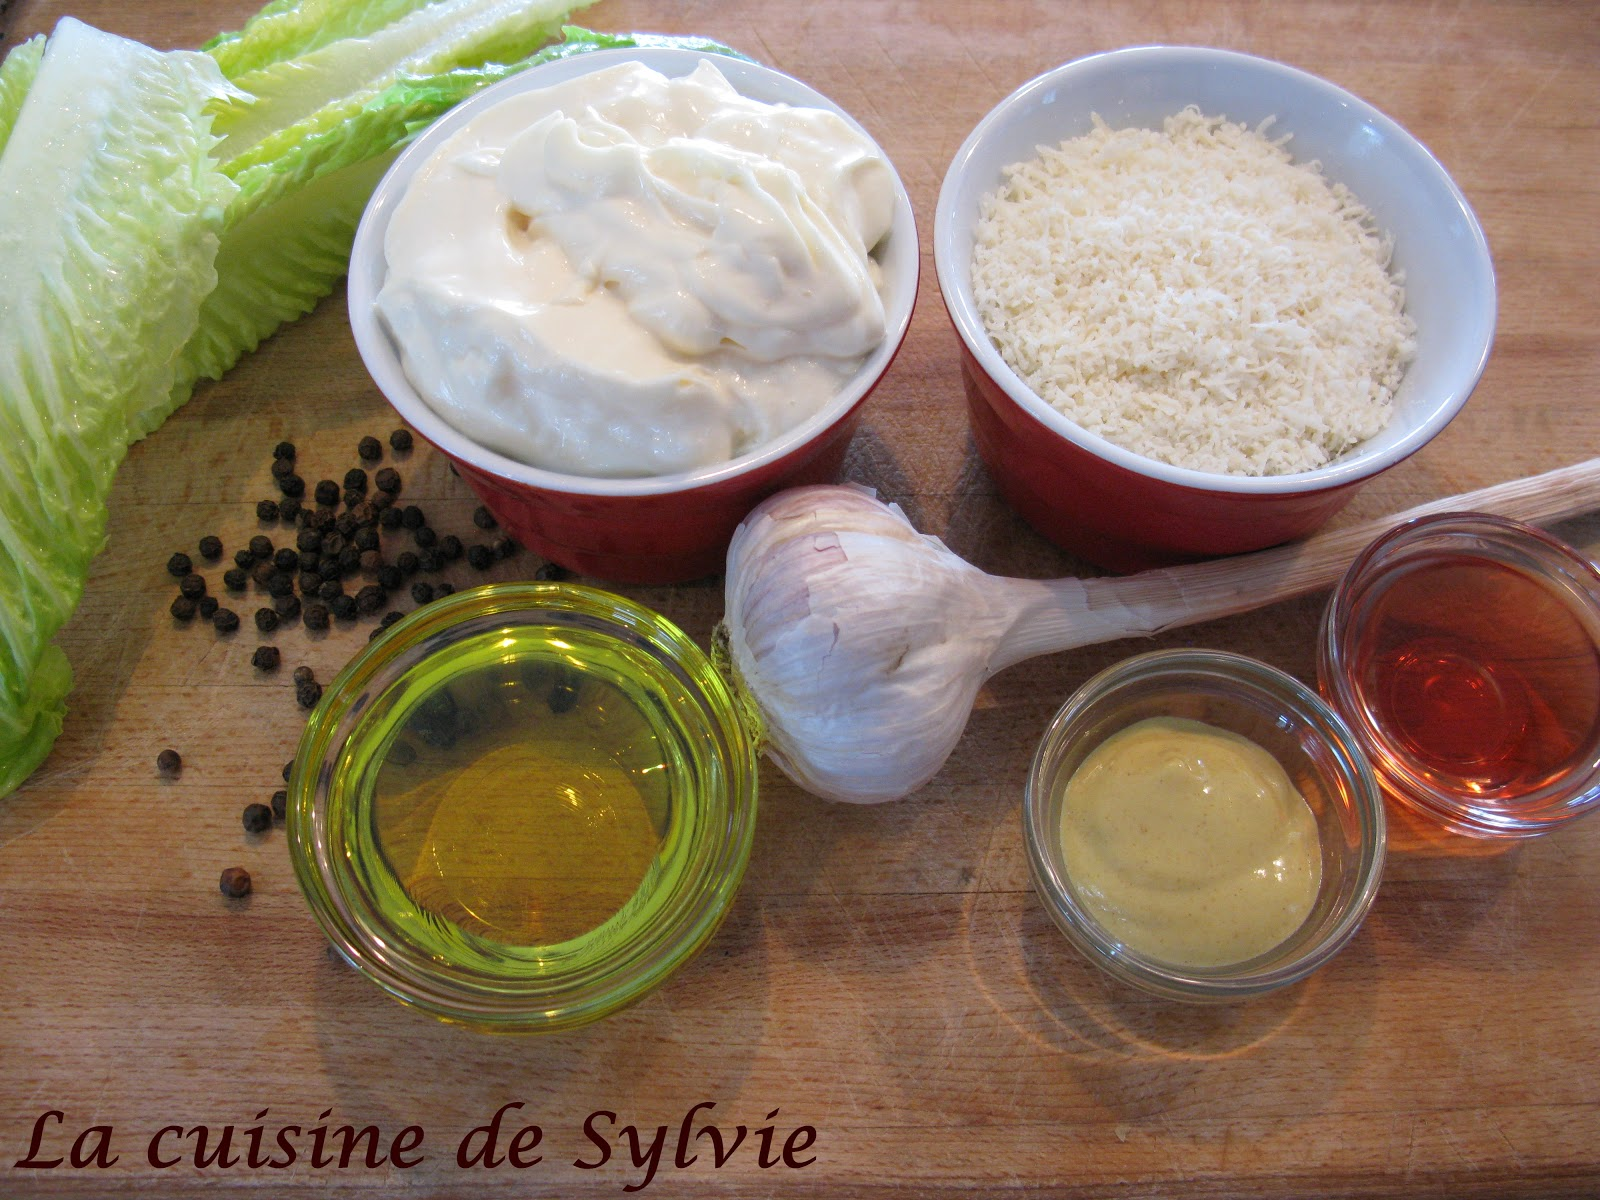 la cuisine de sylvie sauce pour salade c sar. Black Bedroom Furniture Sets. Home Design Ideas